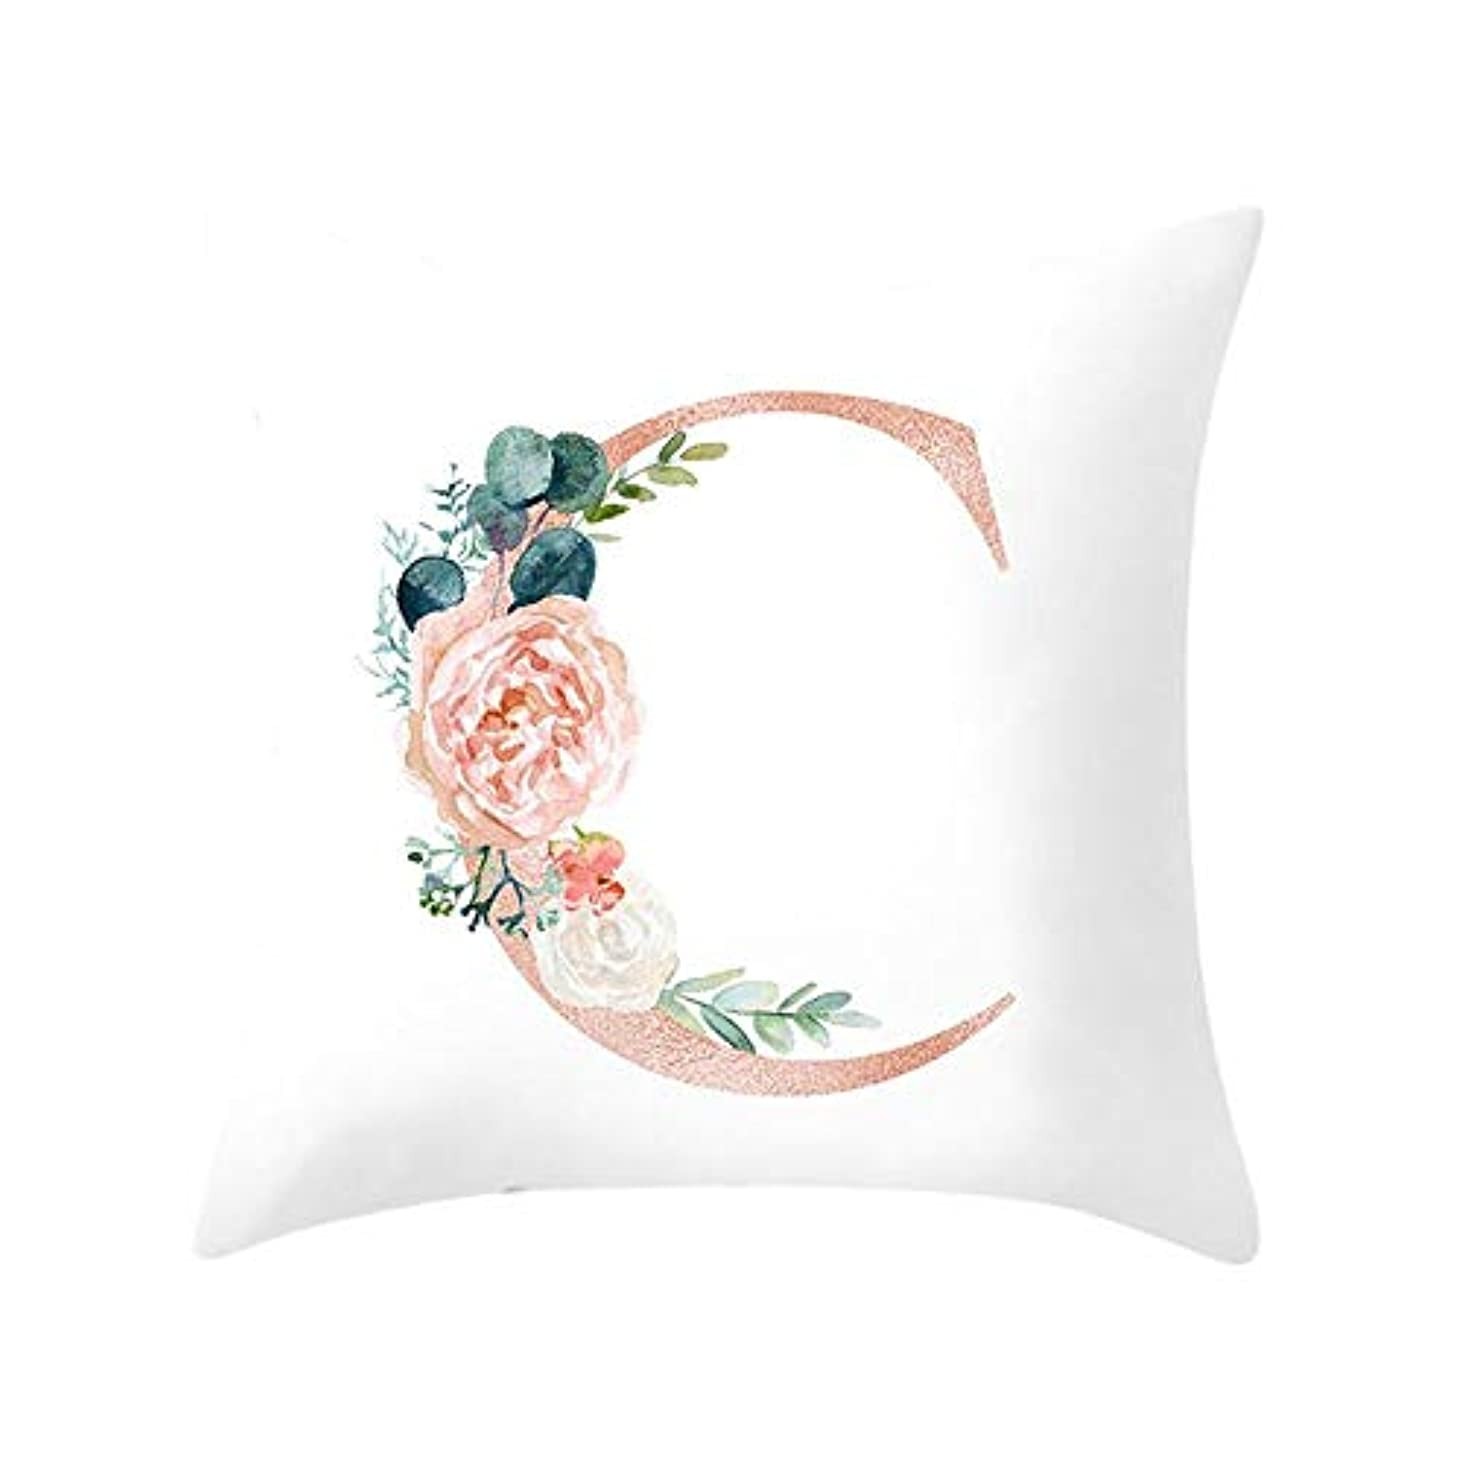 オデュッセウス取り組む特にLIFE 装飾クッションソファ手紙枕アルファベットクッション印刷ソファ家の装飾の花枕 coussin decoratif クッション 椅子